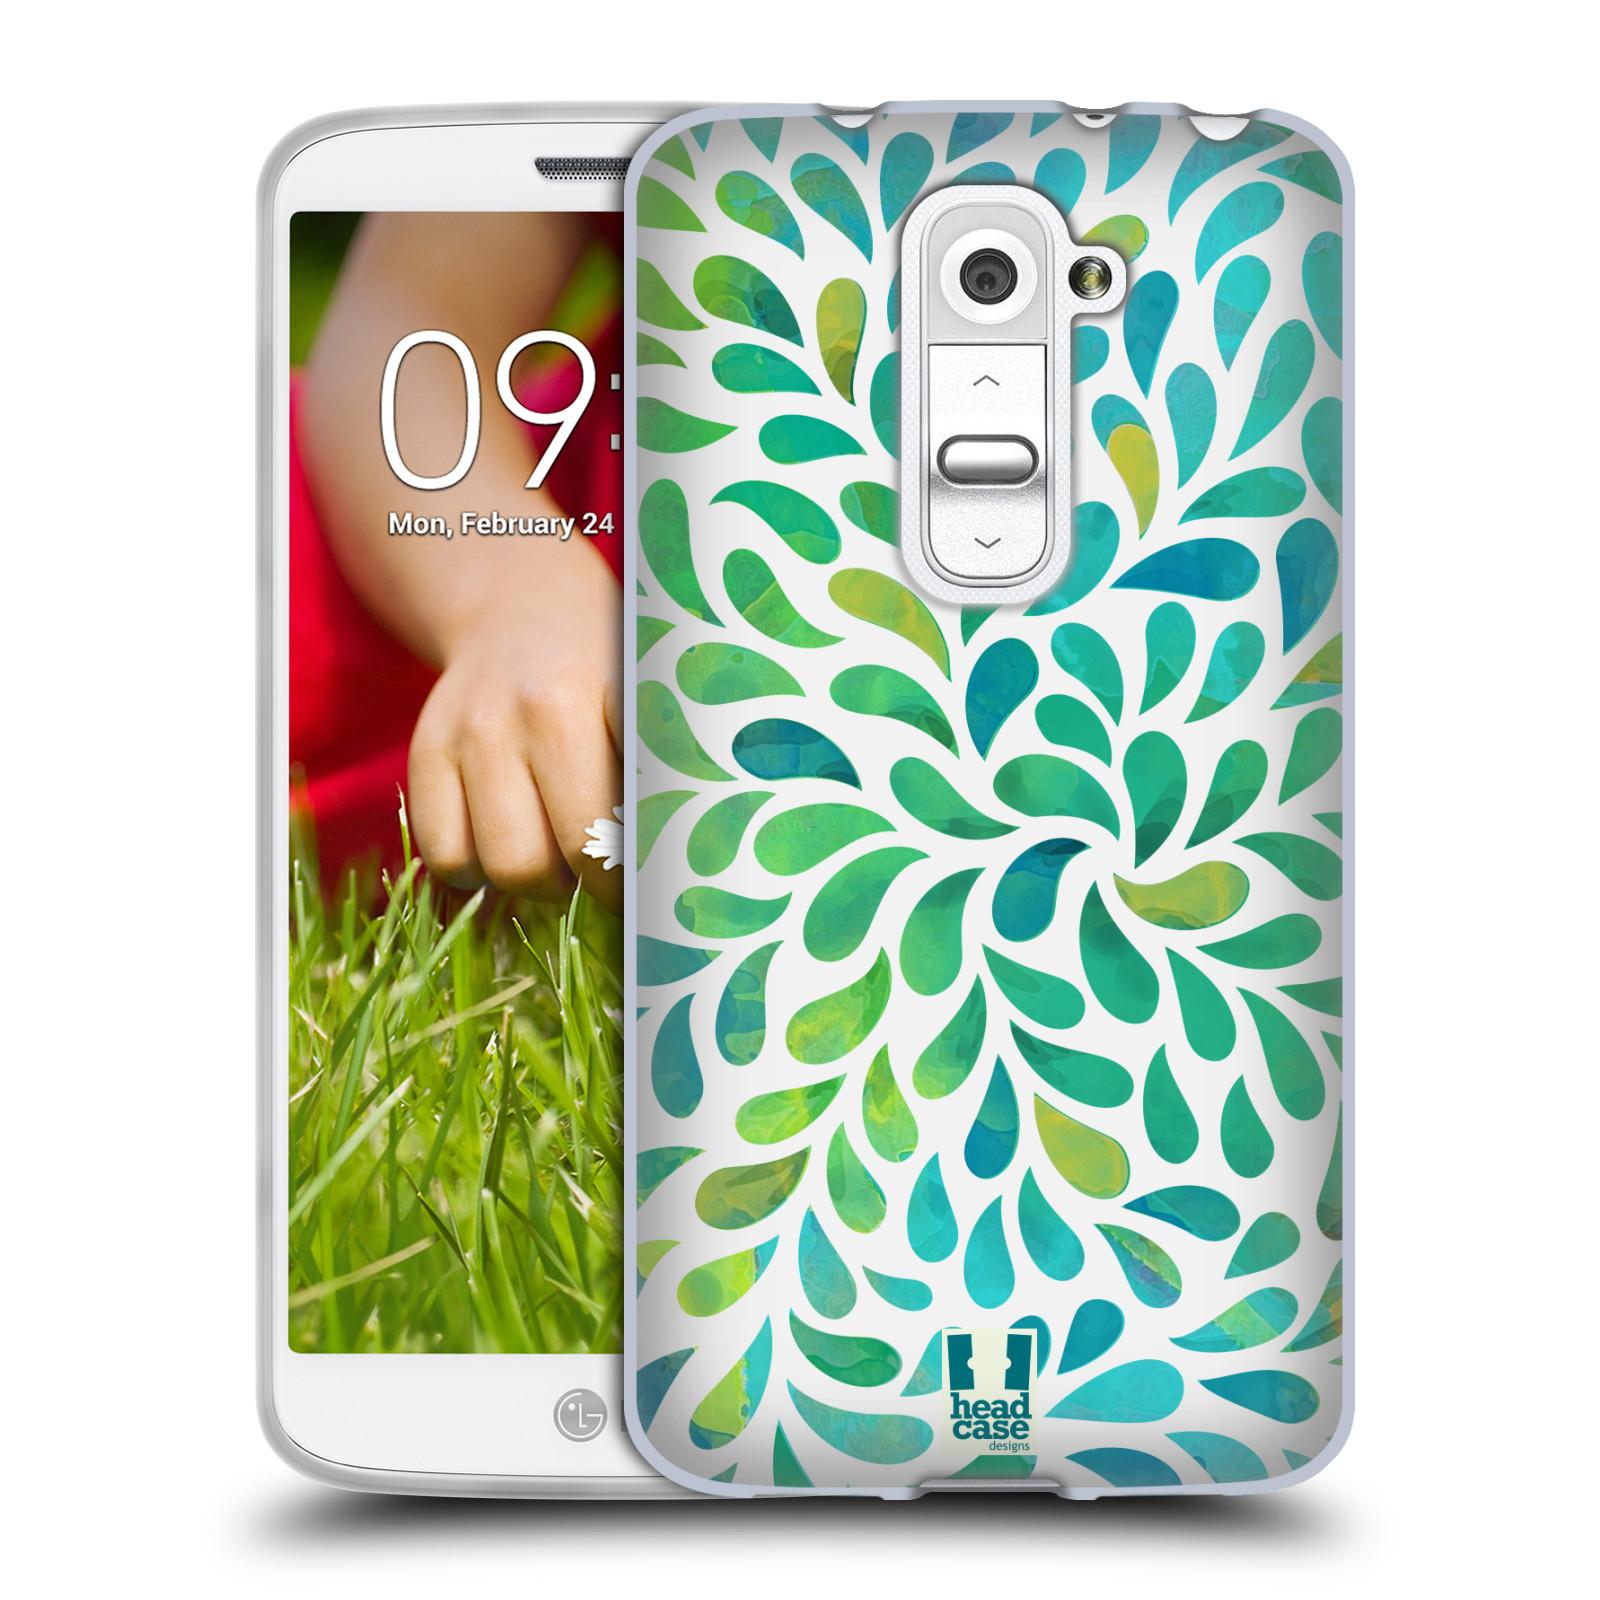 Silikonové pouzdro na mobil LG G2 Mini HEAD CASE Droplet Wave Kapičky (Silikonový kryt či obal na mobilní telefon LG G2 Mini D620)